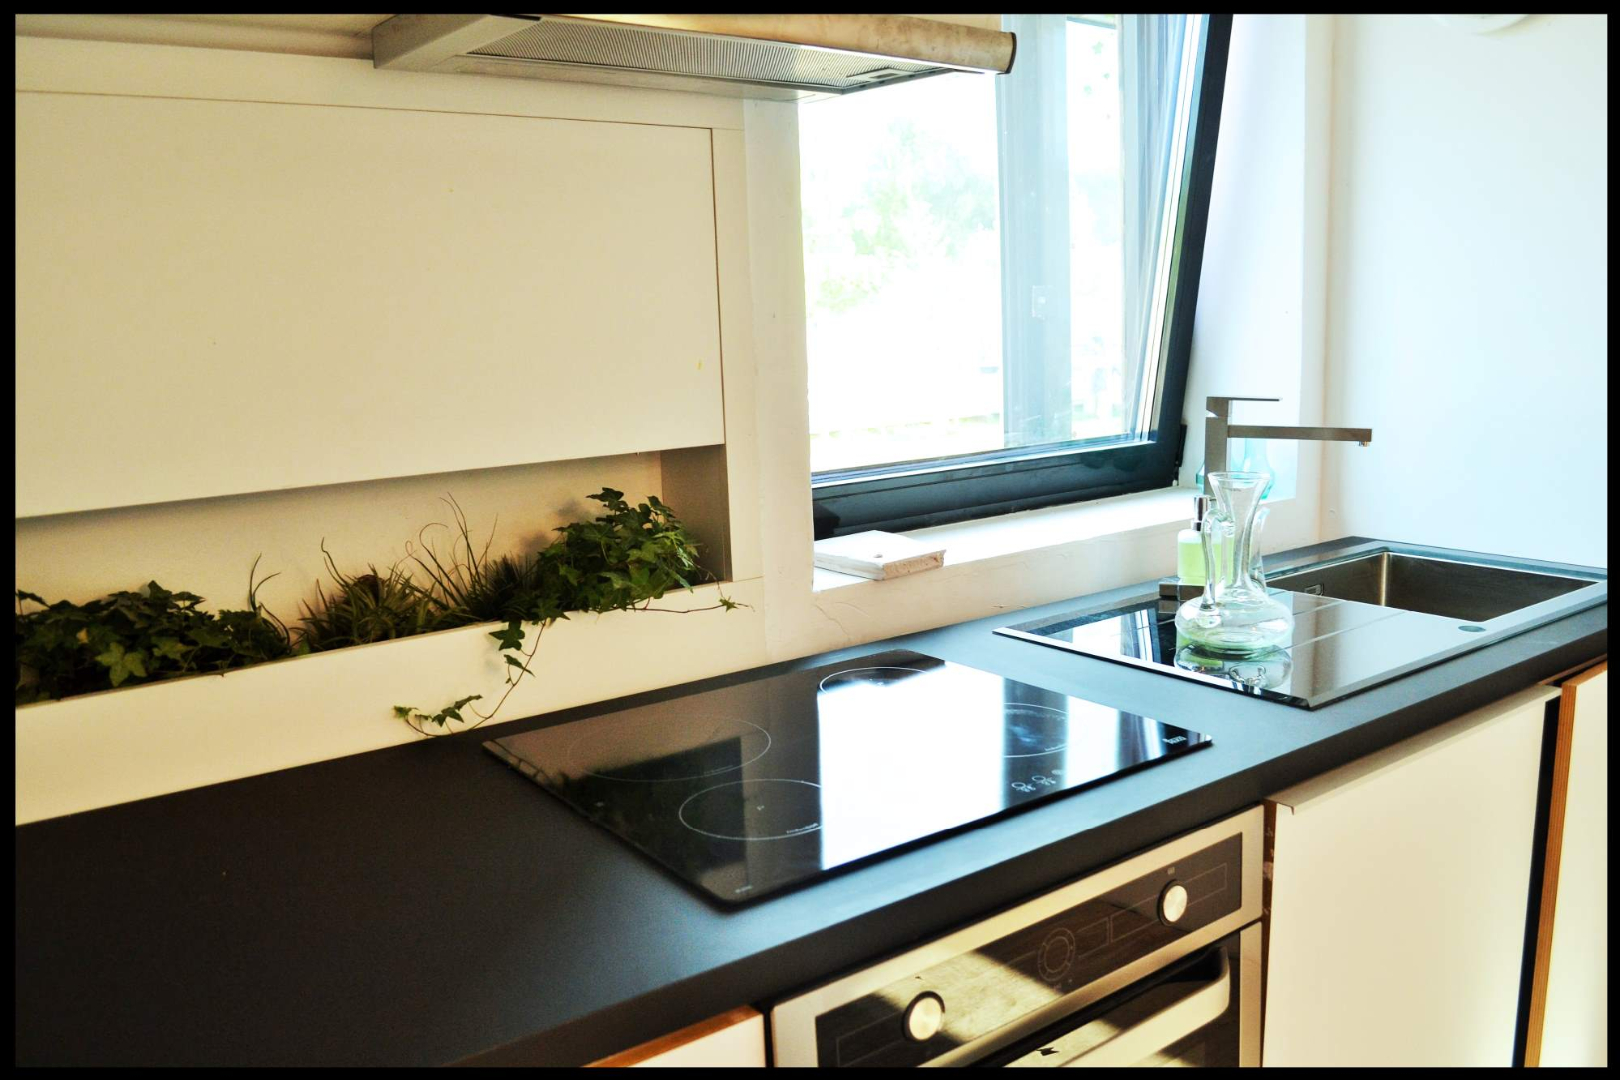 EFdeN mobilier placaj stratificat hpl ultramat bucatarie extensibila dormitor living baie012